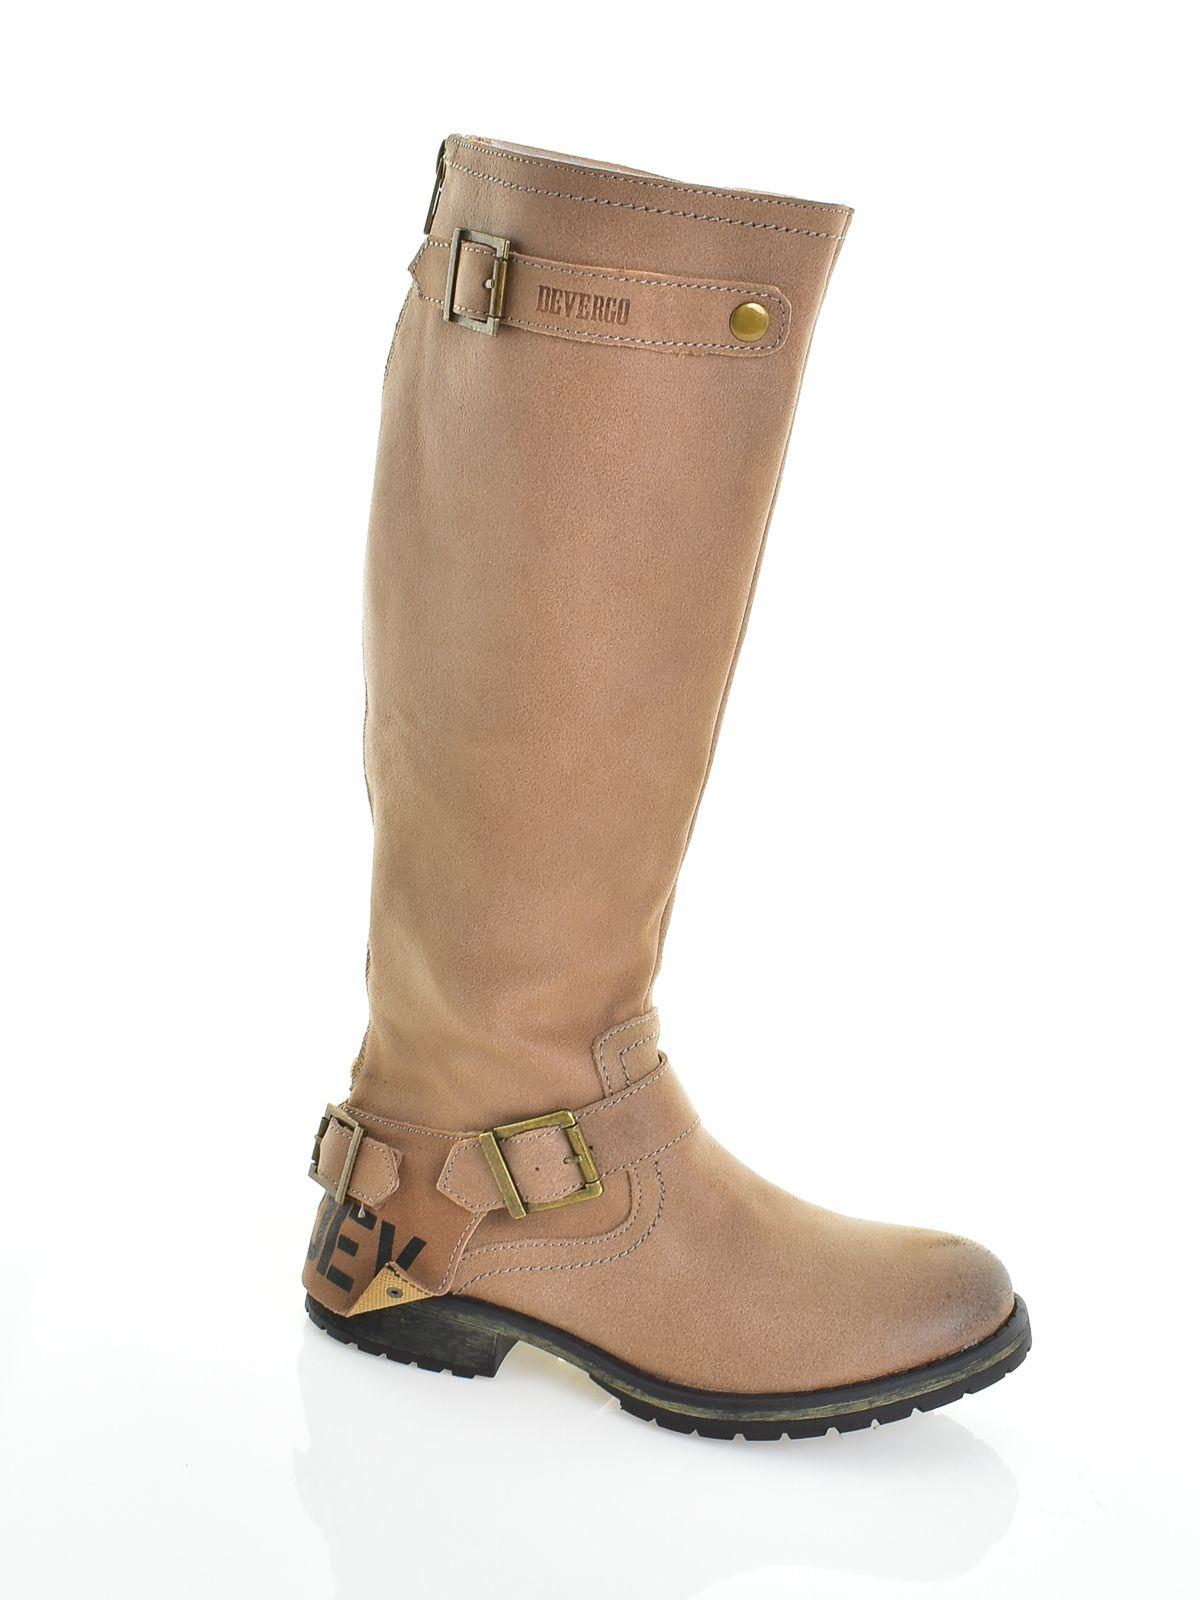 d269cc36b7 Női - Cipő - Csizma zöld, szurke, kék, bronz, bordó, barna, arany |  Márkásbolt.hu